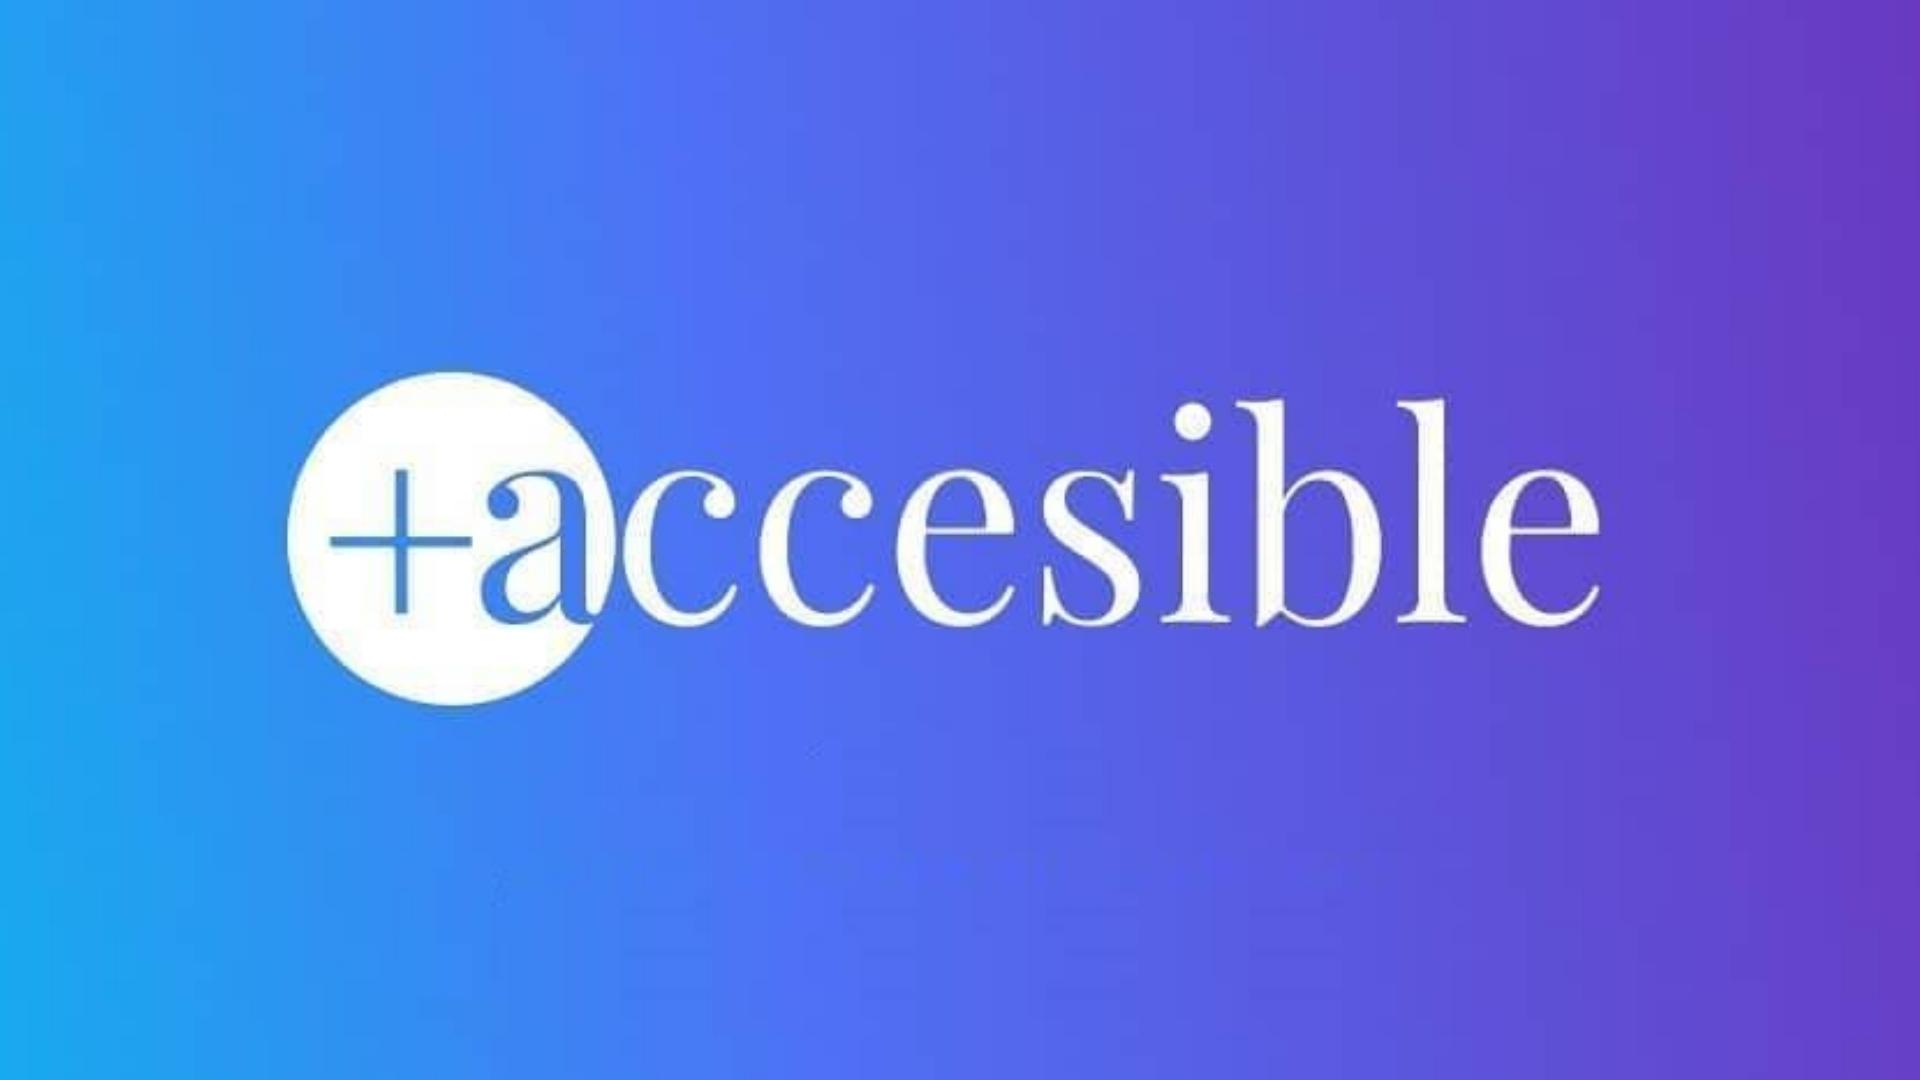 Qué es la accesibilidad cognitiva y a quiénes beneficia +accesible